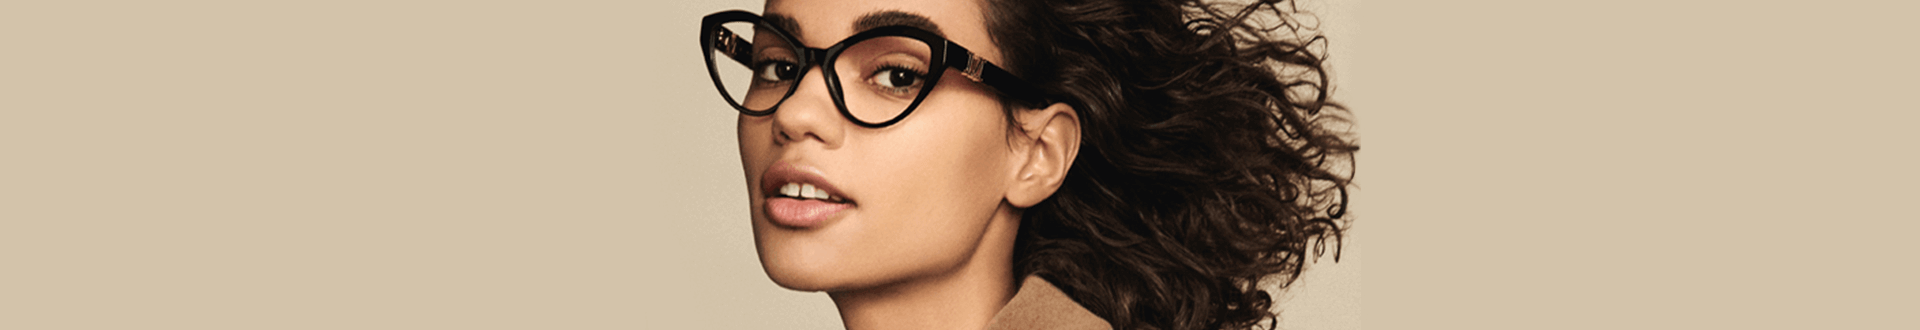 Mulher com cabelos cacheados, usando óculos Max Mara gatinho de grau preto